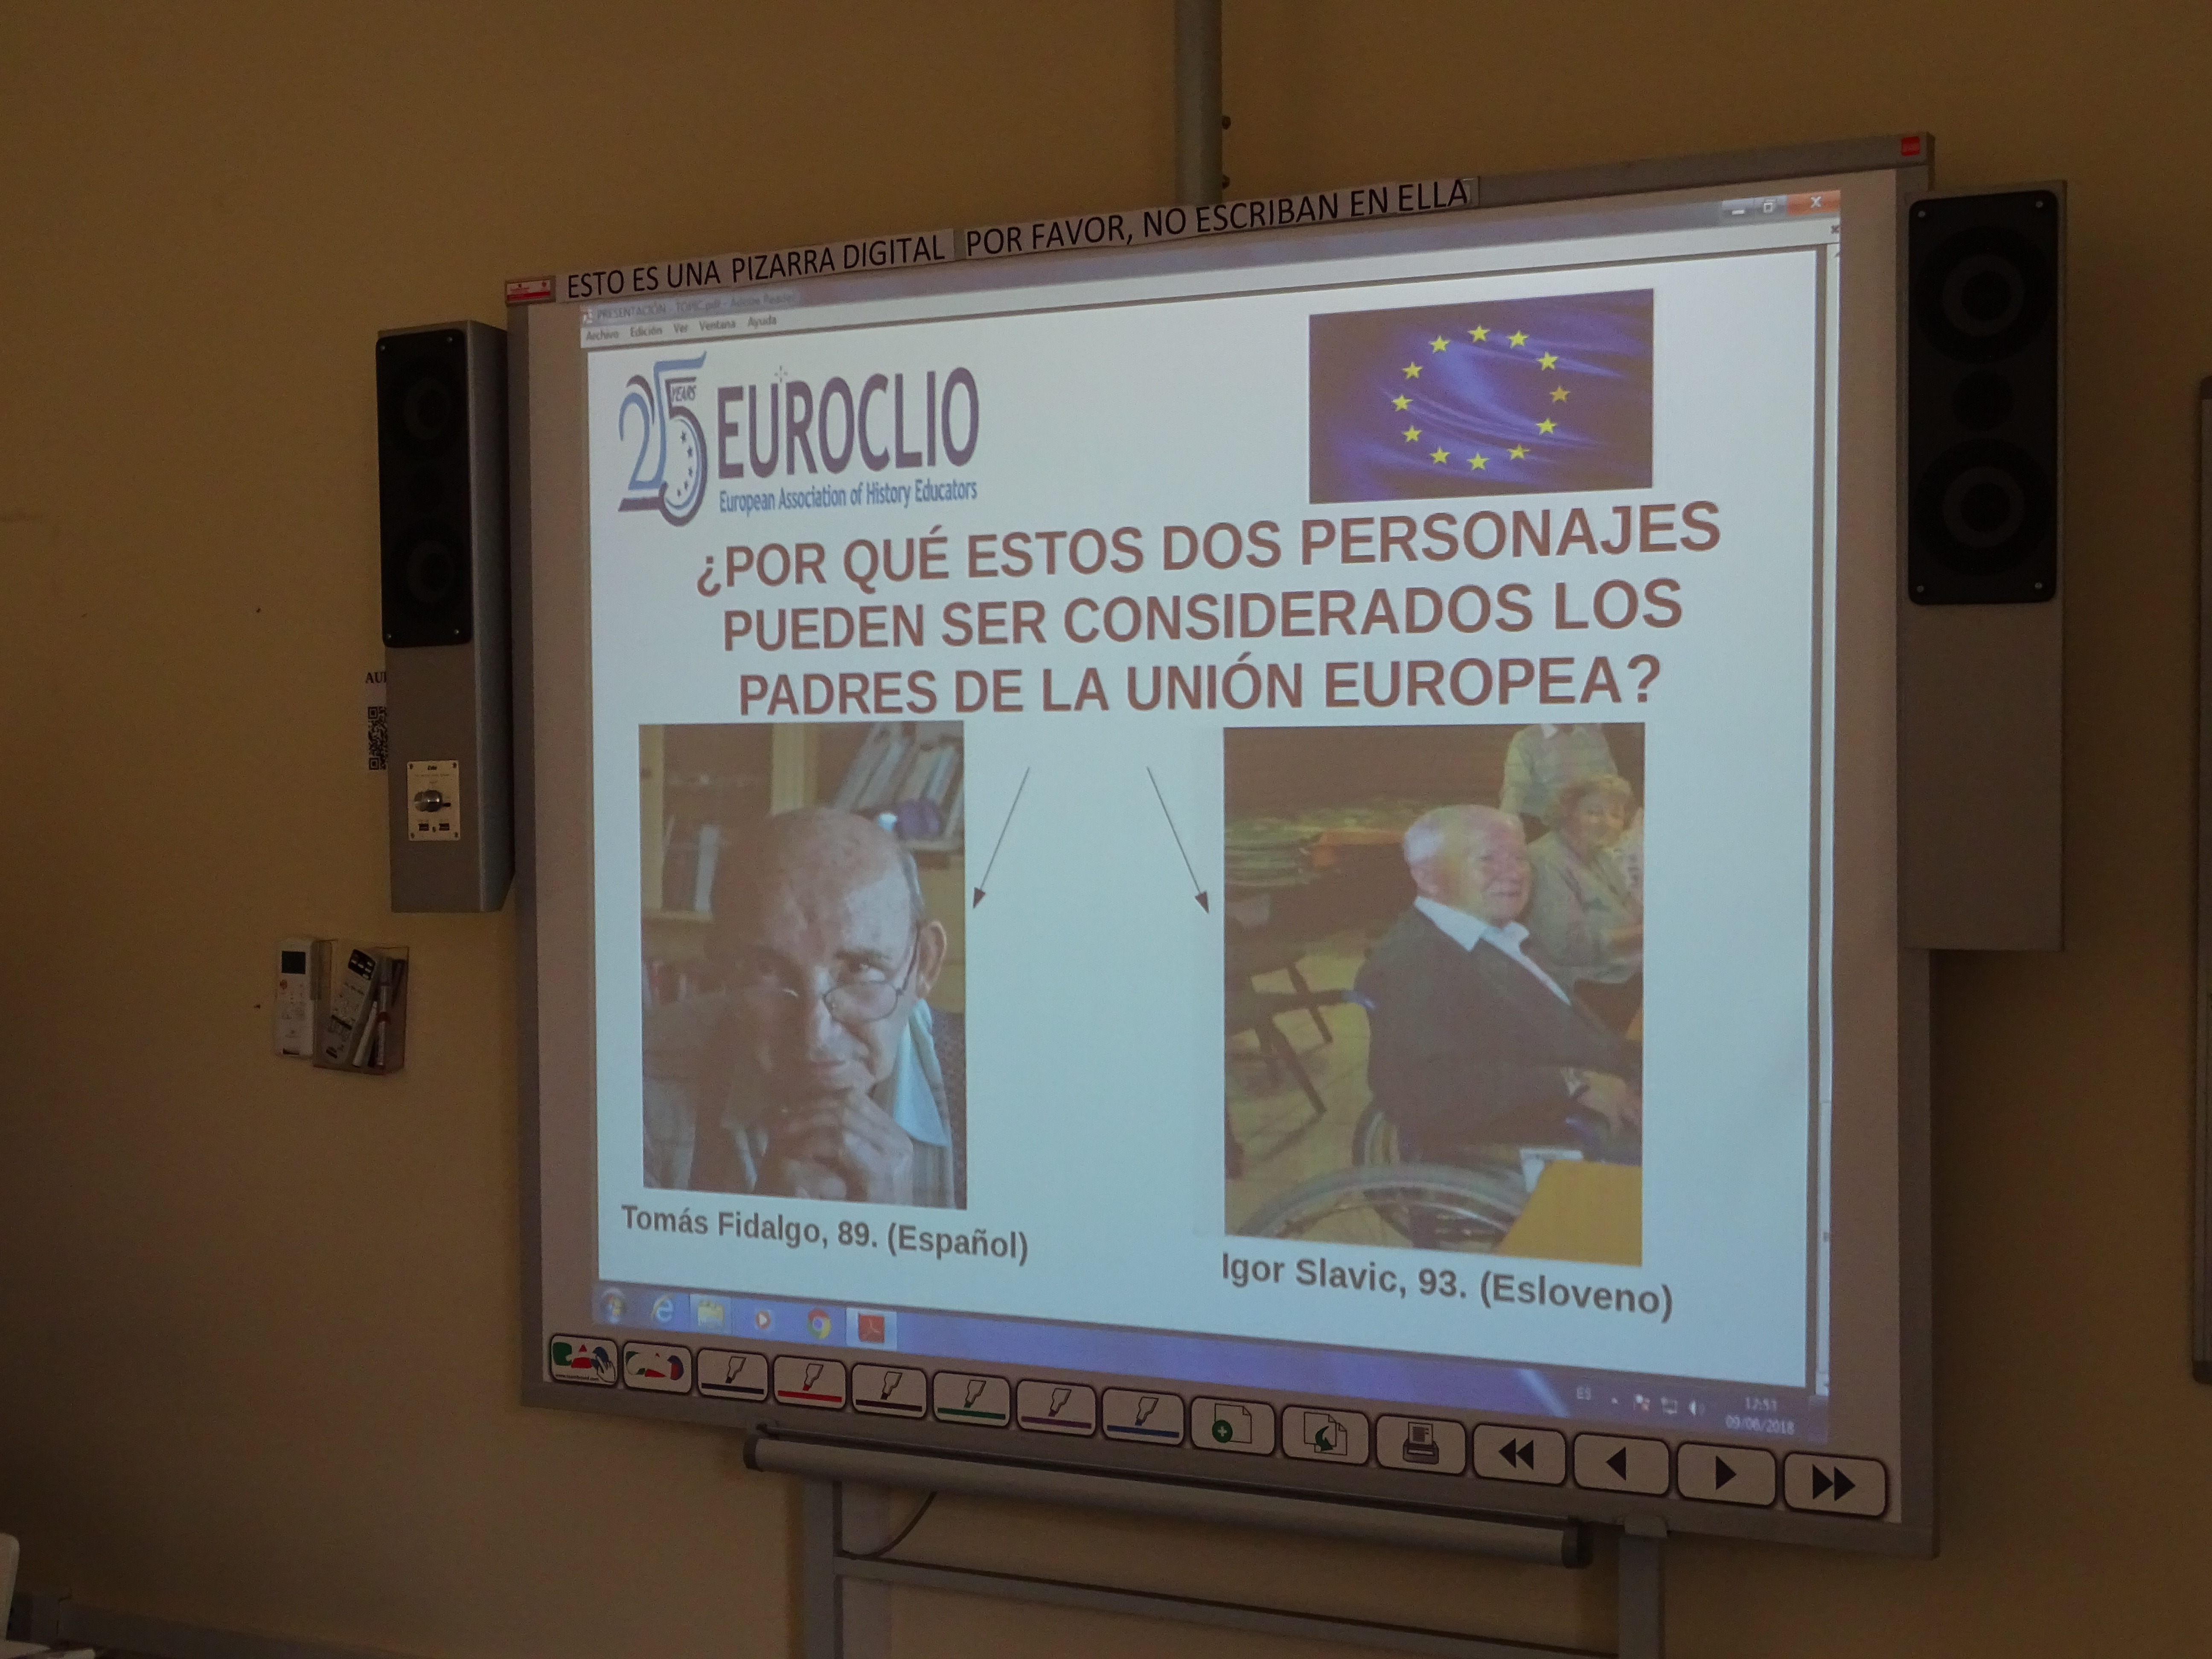 Nuevas metodologías para la enseñanza de Europa: ¡Esto no va de tratados! 9 Junio 2018. Marino Maqueda 1